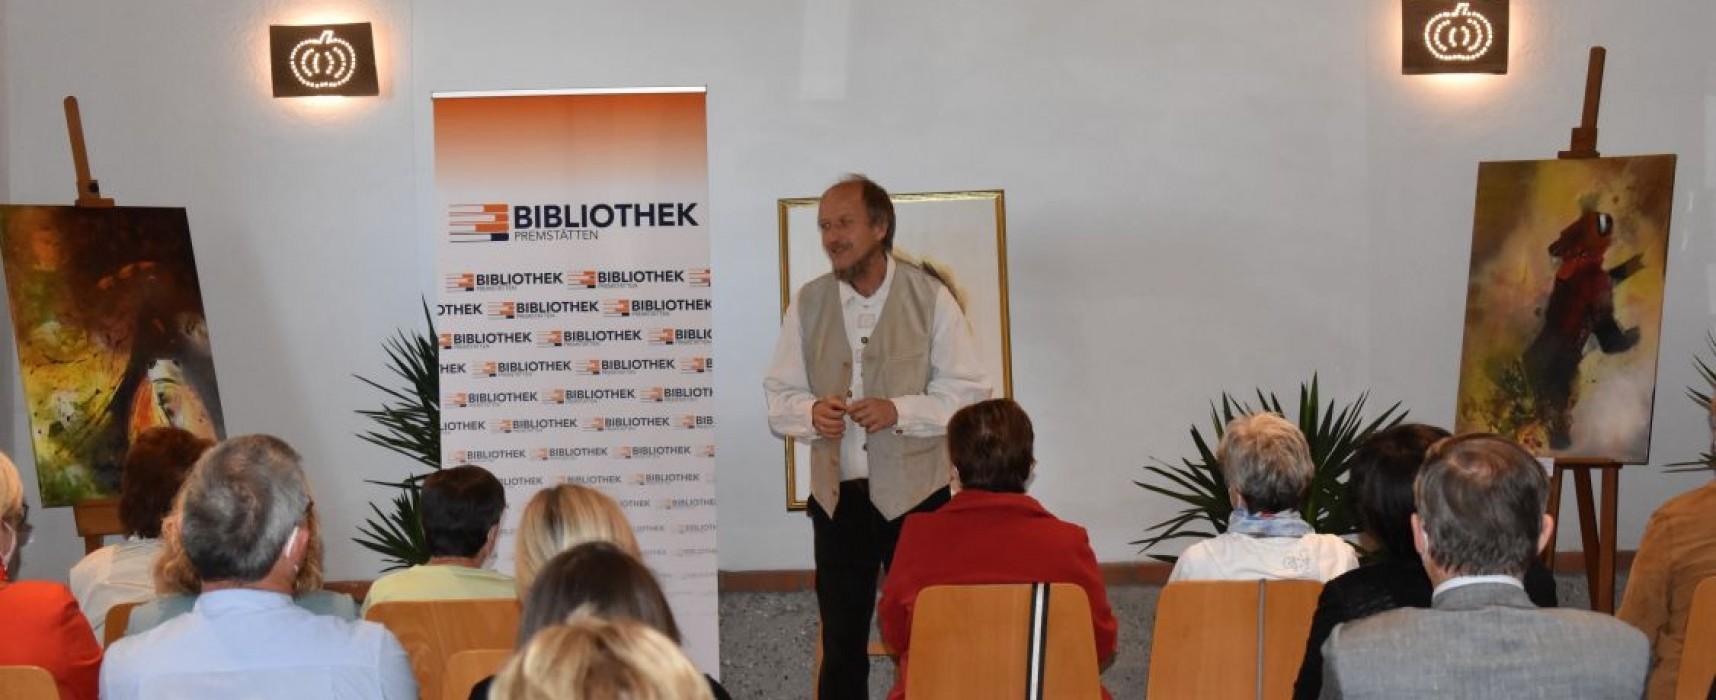 Erzählkunstabend mit Frederik Mellak